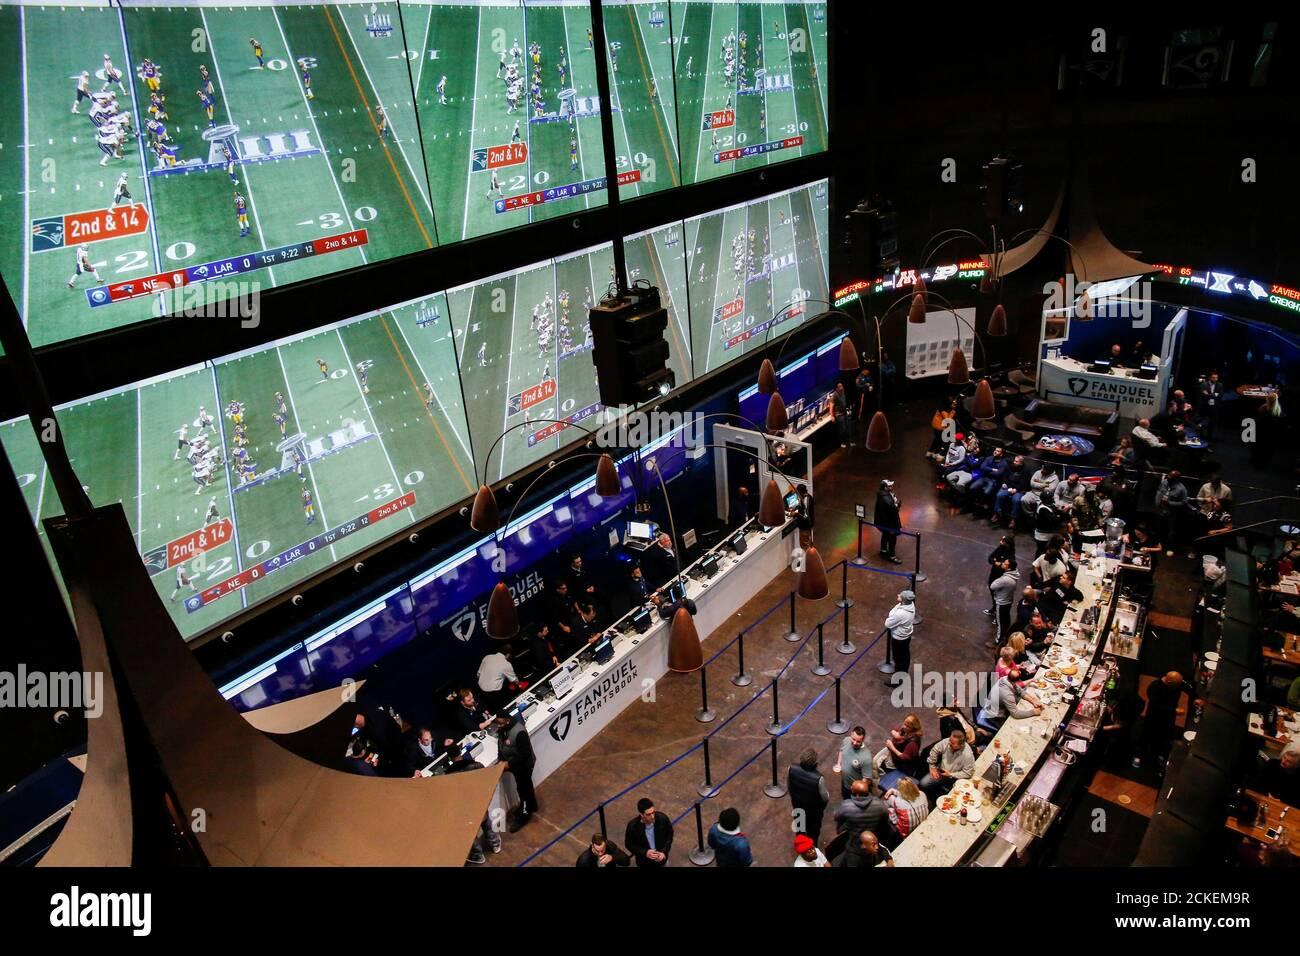 Die Leute machen ihre Wetten im FANDUEL Sportwetten während des Super Bowl LIII in East Rutherford, New Jersey, USA, 3. Februar 2019. REUTERS/Eduardo Munoz Stockfoto